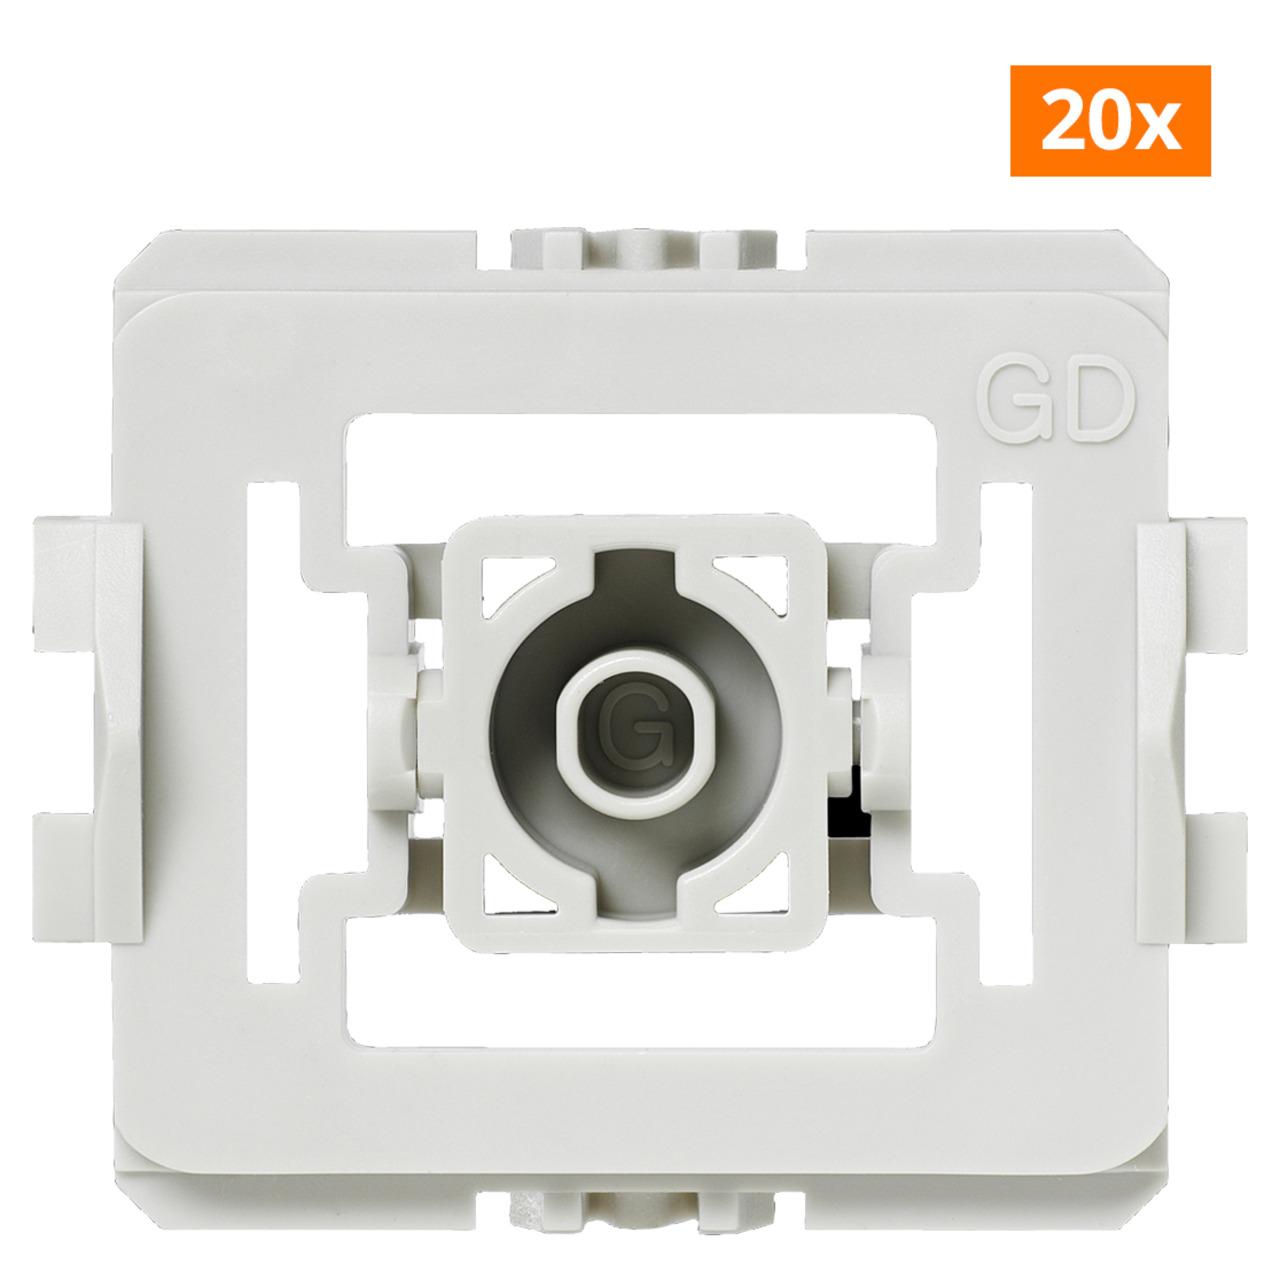 Installationsadapter für Gira Standard Schalter- 20er-Set für Smart Home - Hausautomation